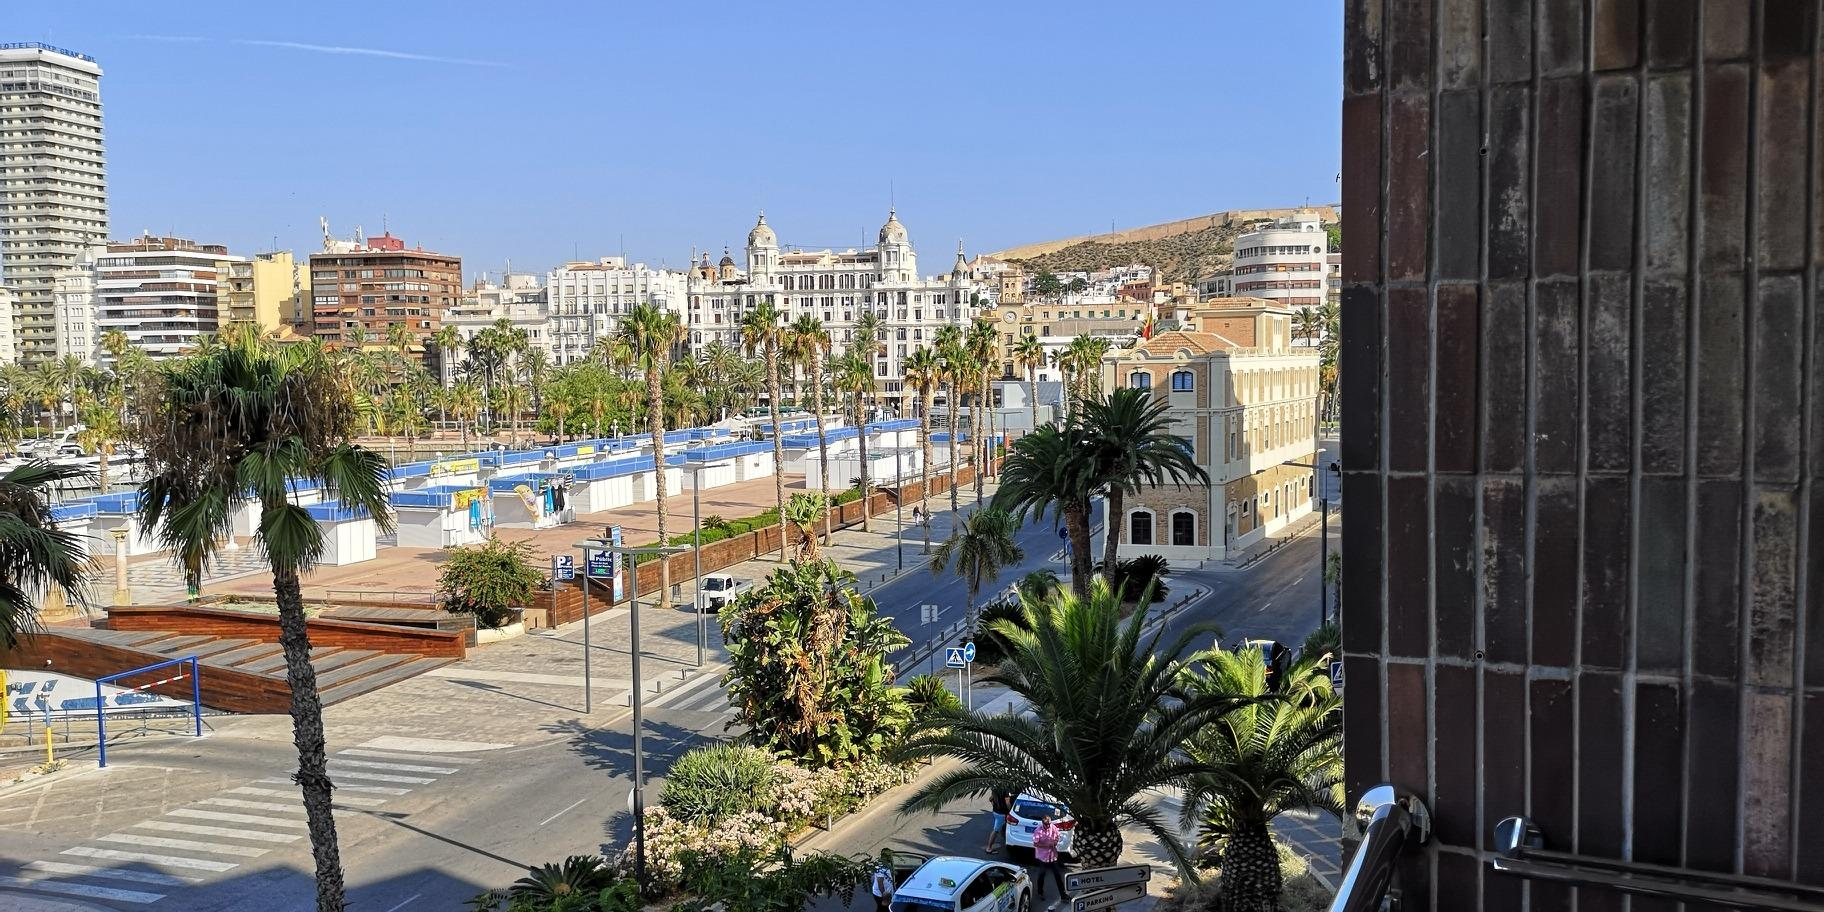 Alicante, a piece of Spain